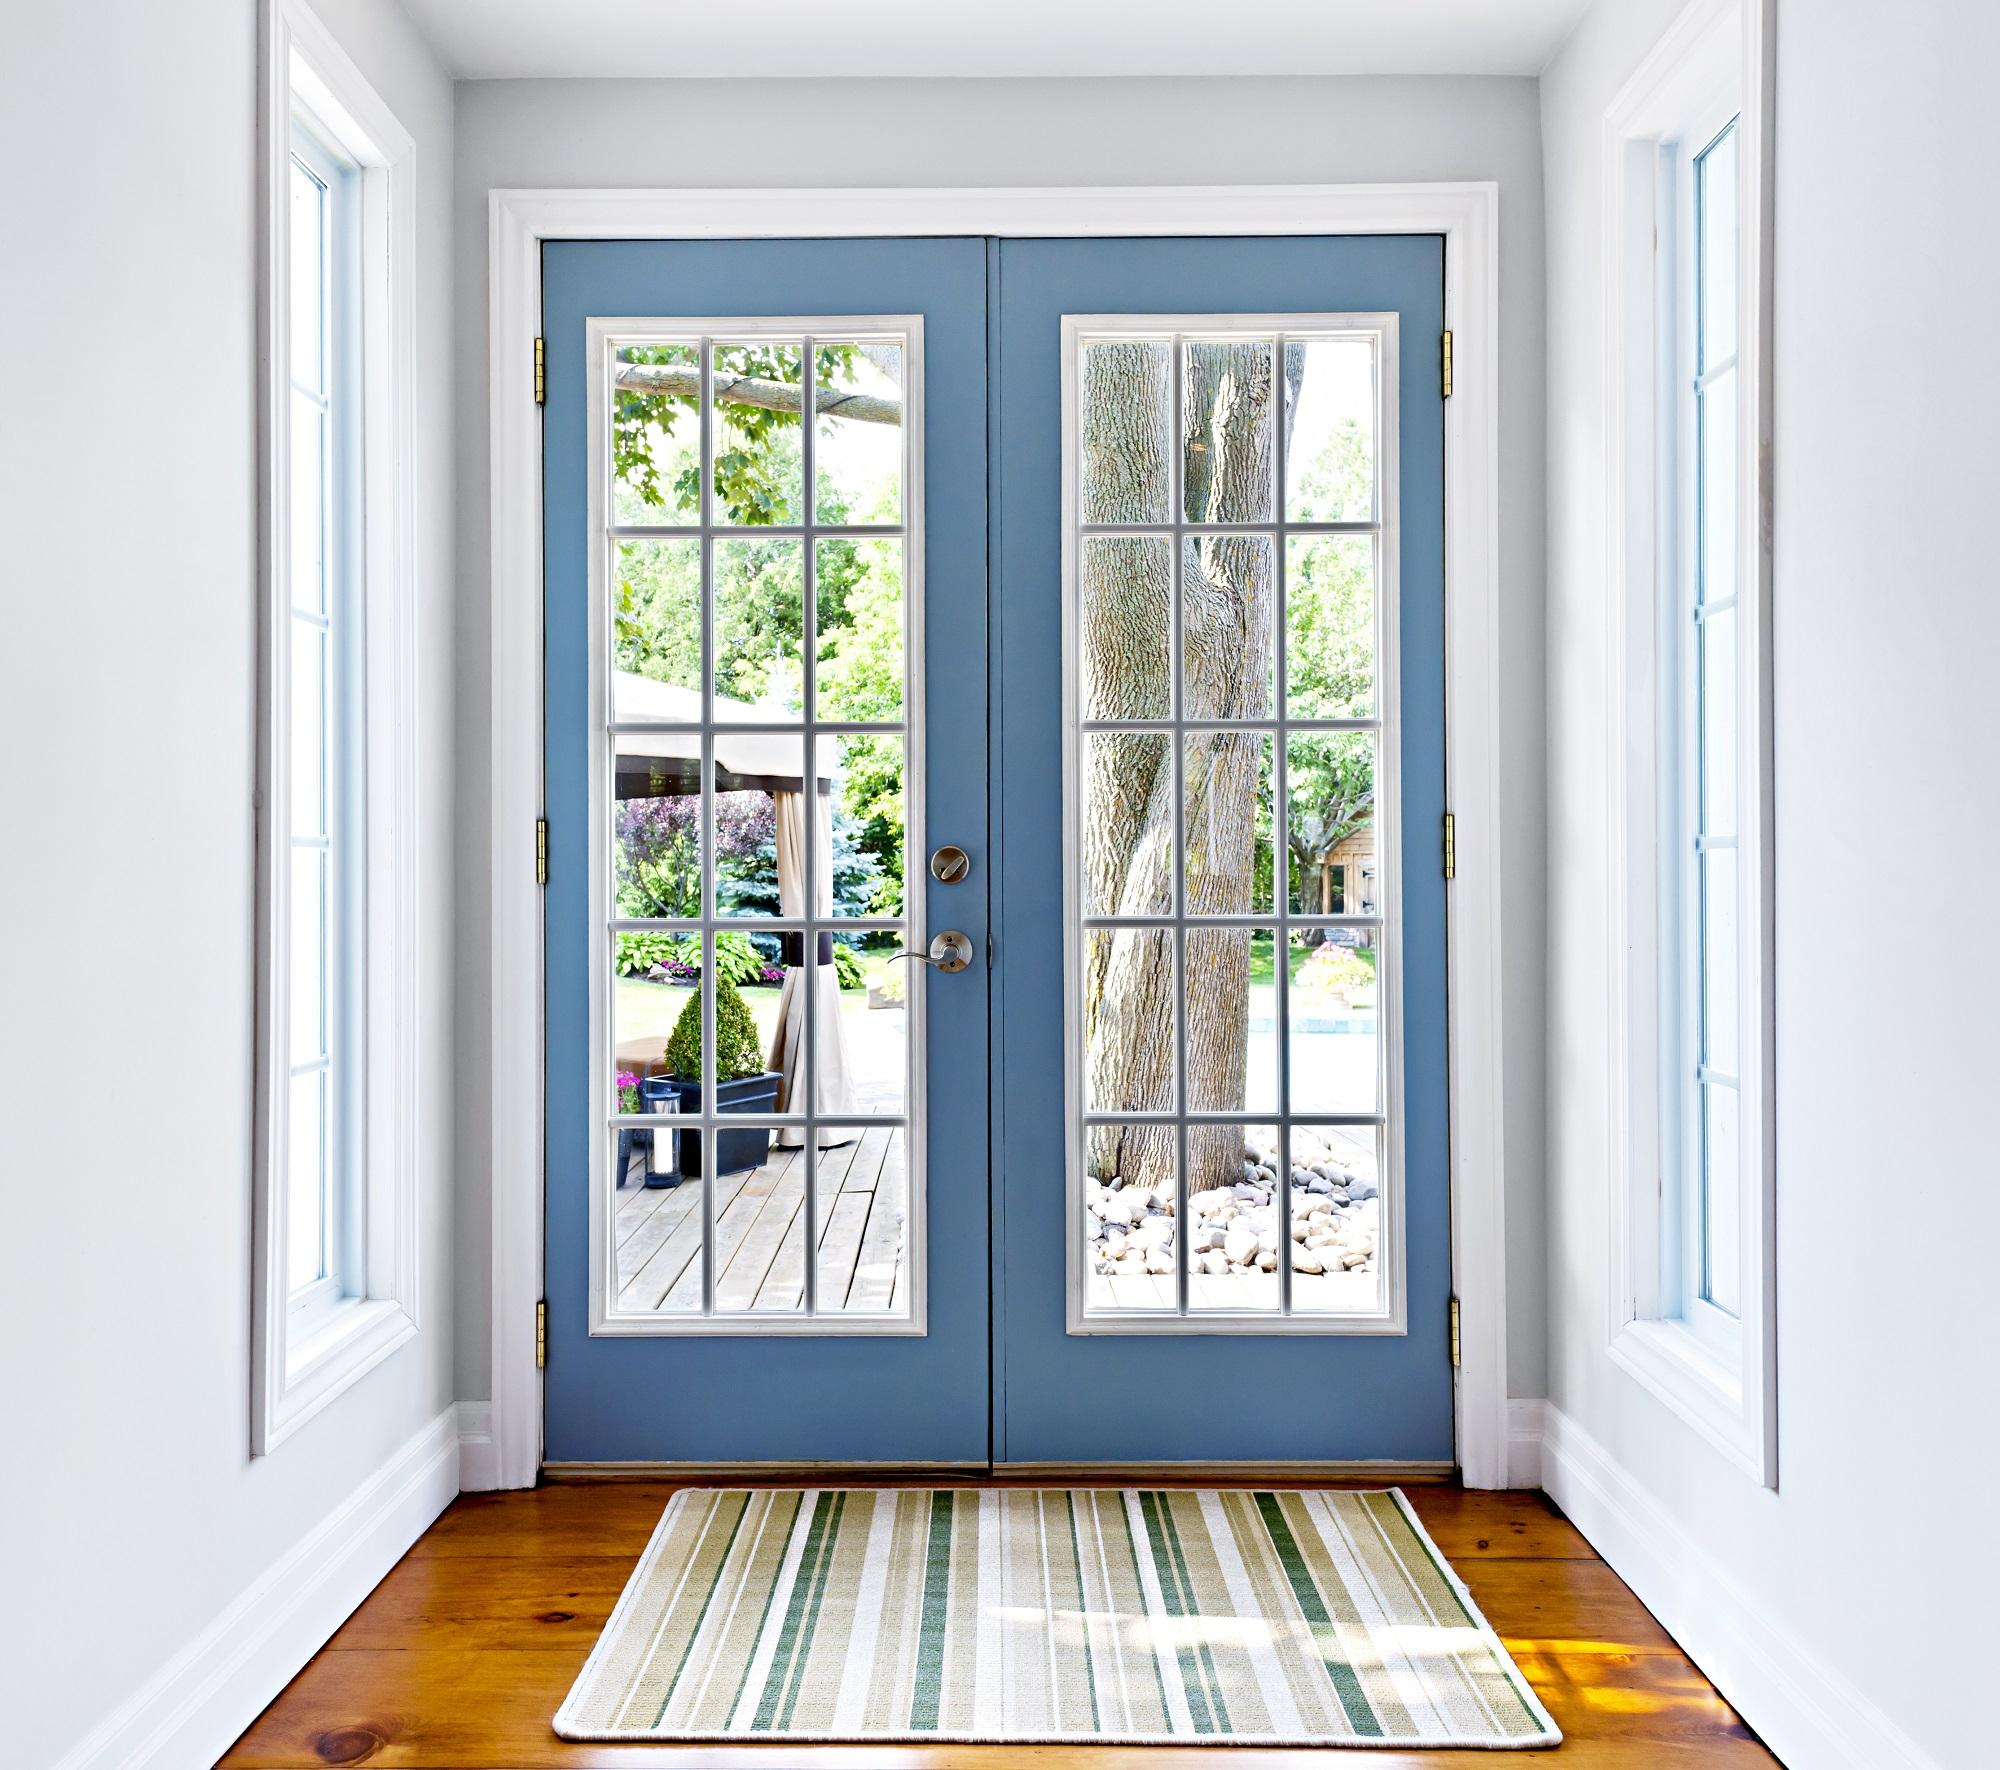 Améliorez l'isolation de votre maison avec les bonnes fenêtres 2